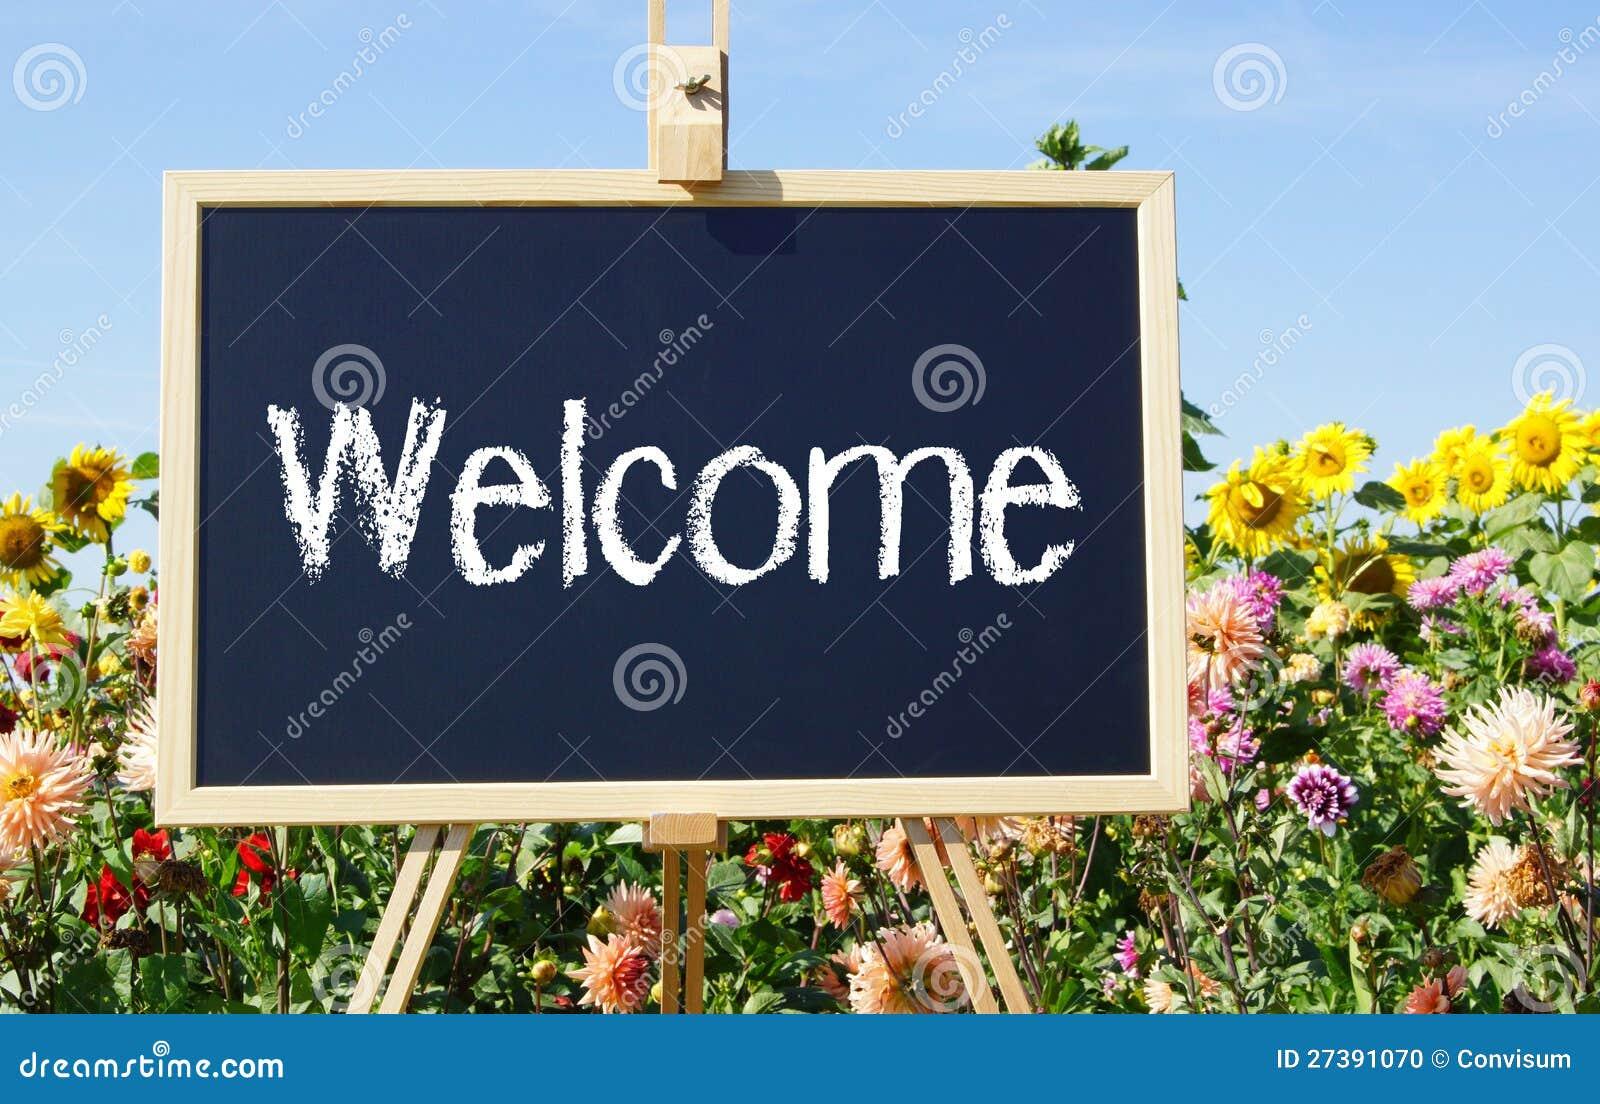 Teken Je Tuin : Welkom teken in tuin stock foto. afbeelding bestaande uit bloemen